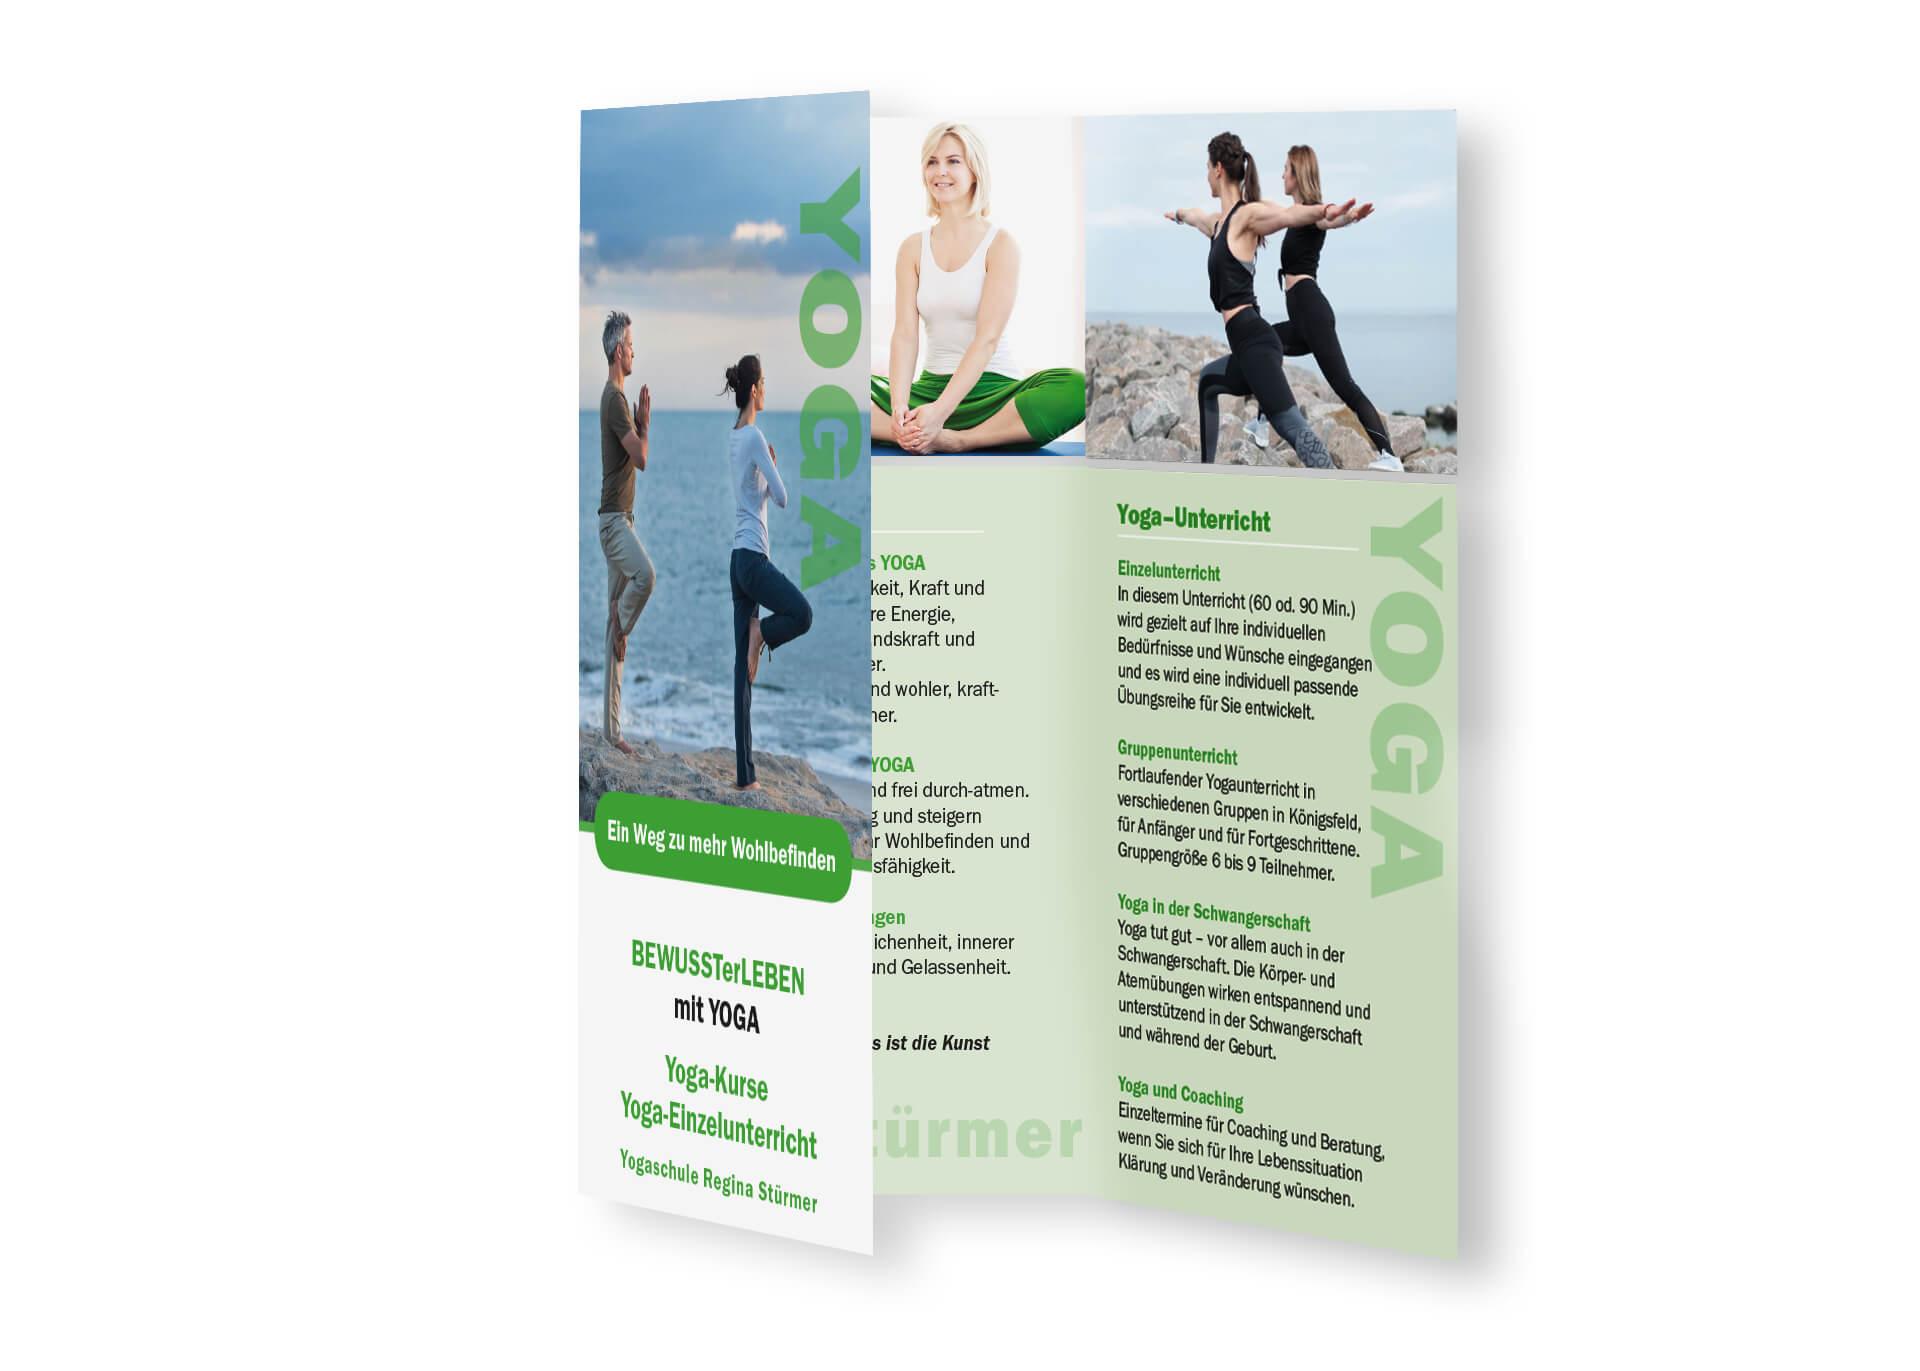 gestaltung-eines-flyers-yogaschule-stuermer